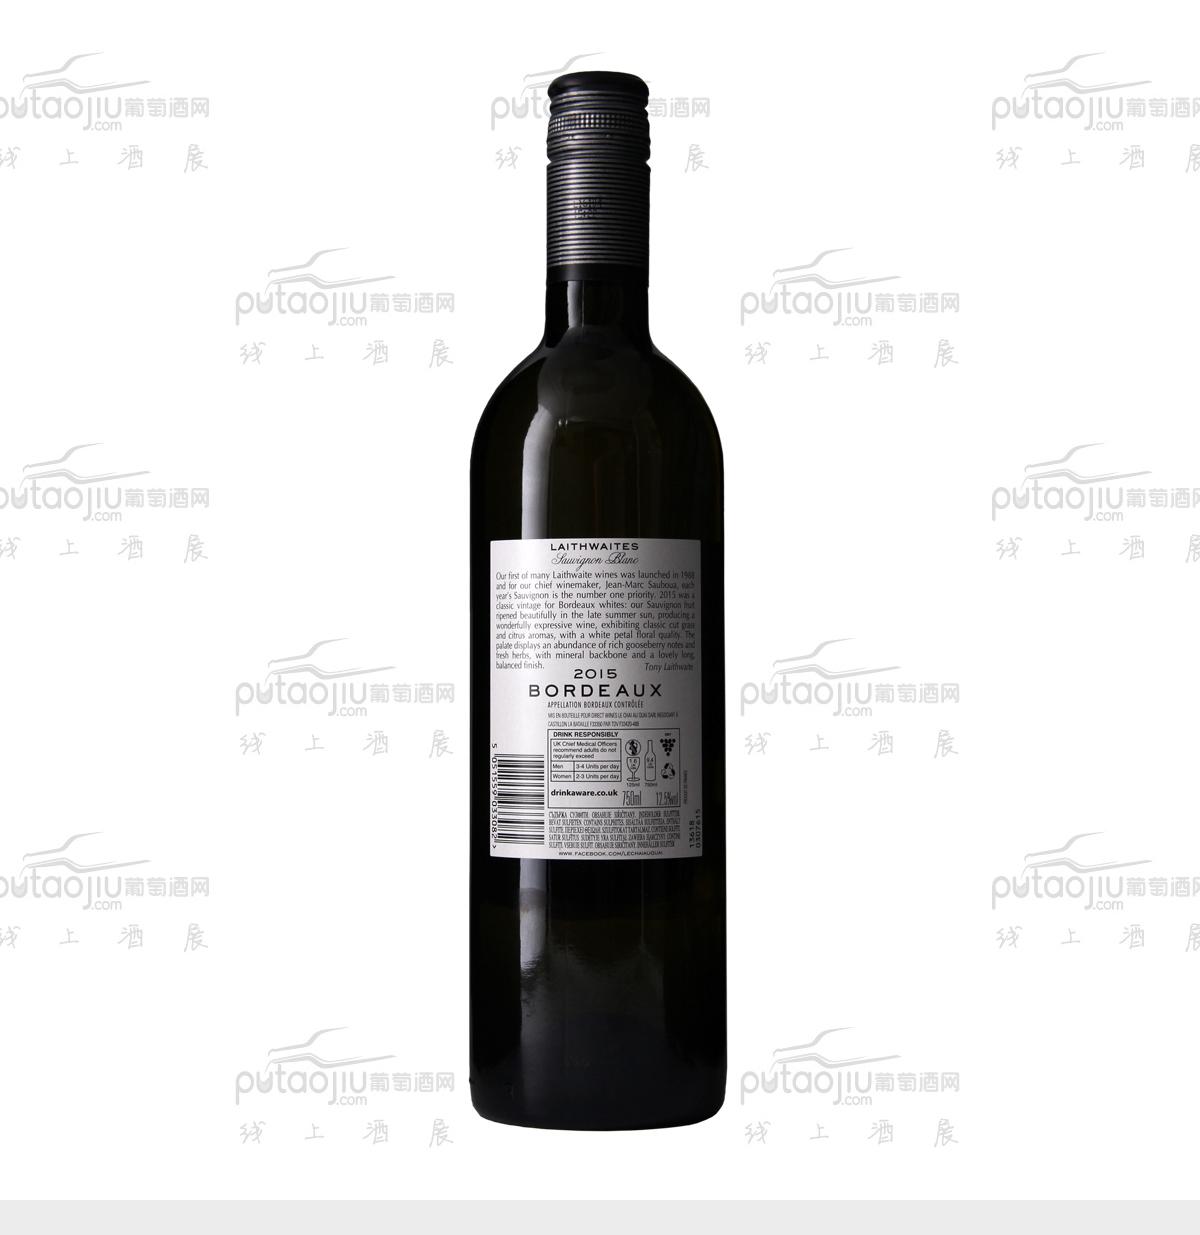 法国波尔多上梅多克勒柴金庄园长相思AOC干白葡萄酒